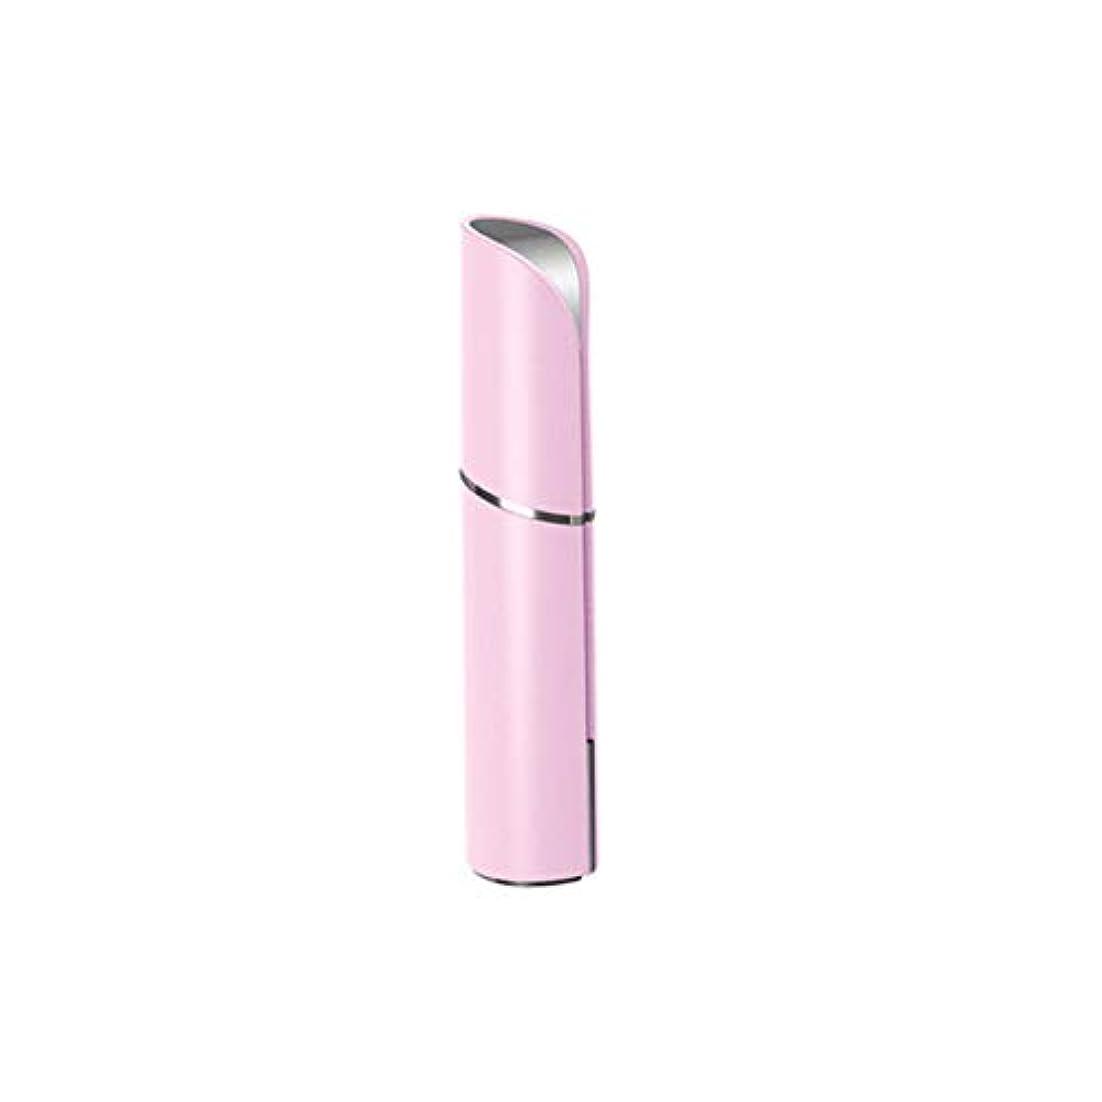 メッセージほこりっぽいに変わるマッサージャー - 黒丸アンチリンクルアイバッグ美容機器アーティファクト女性に行く (色 : Pink)